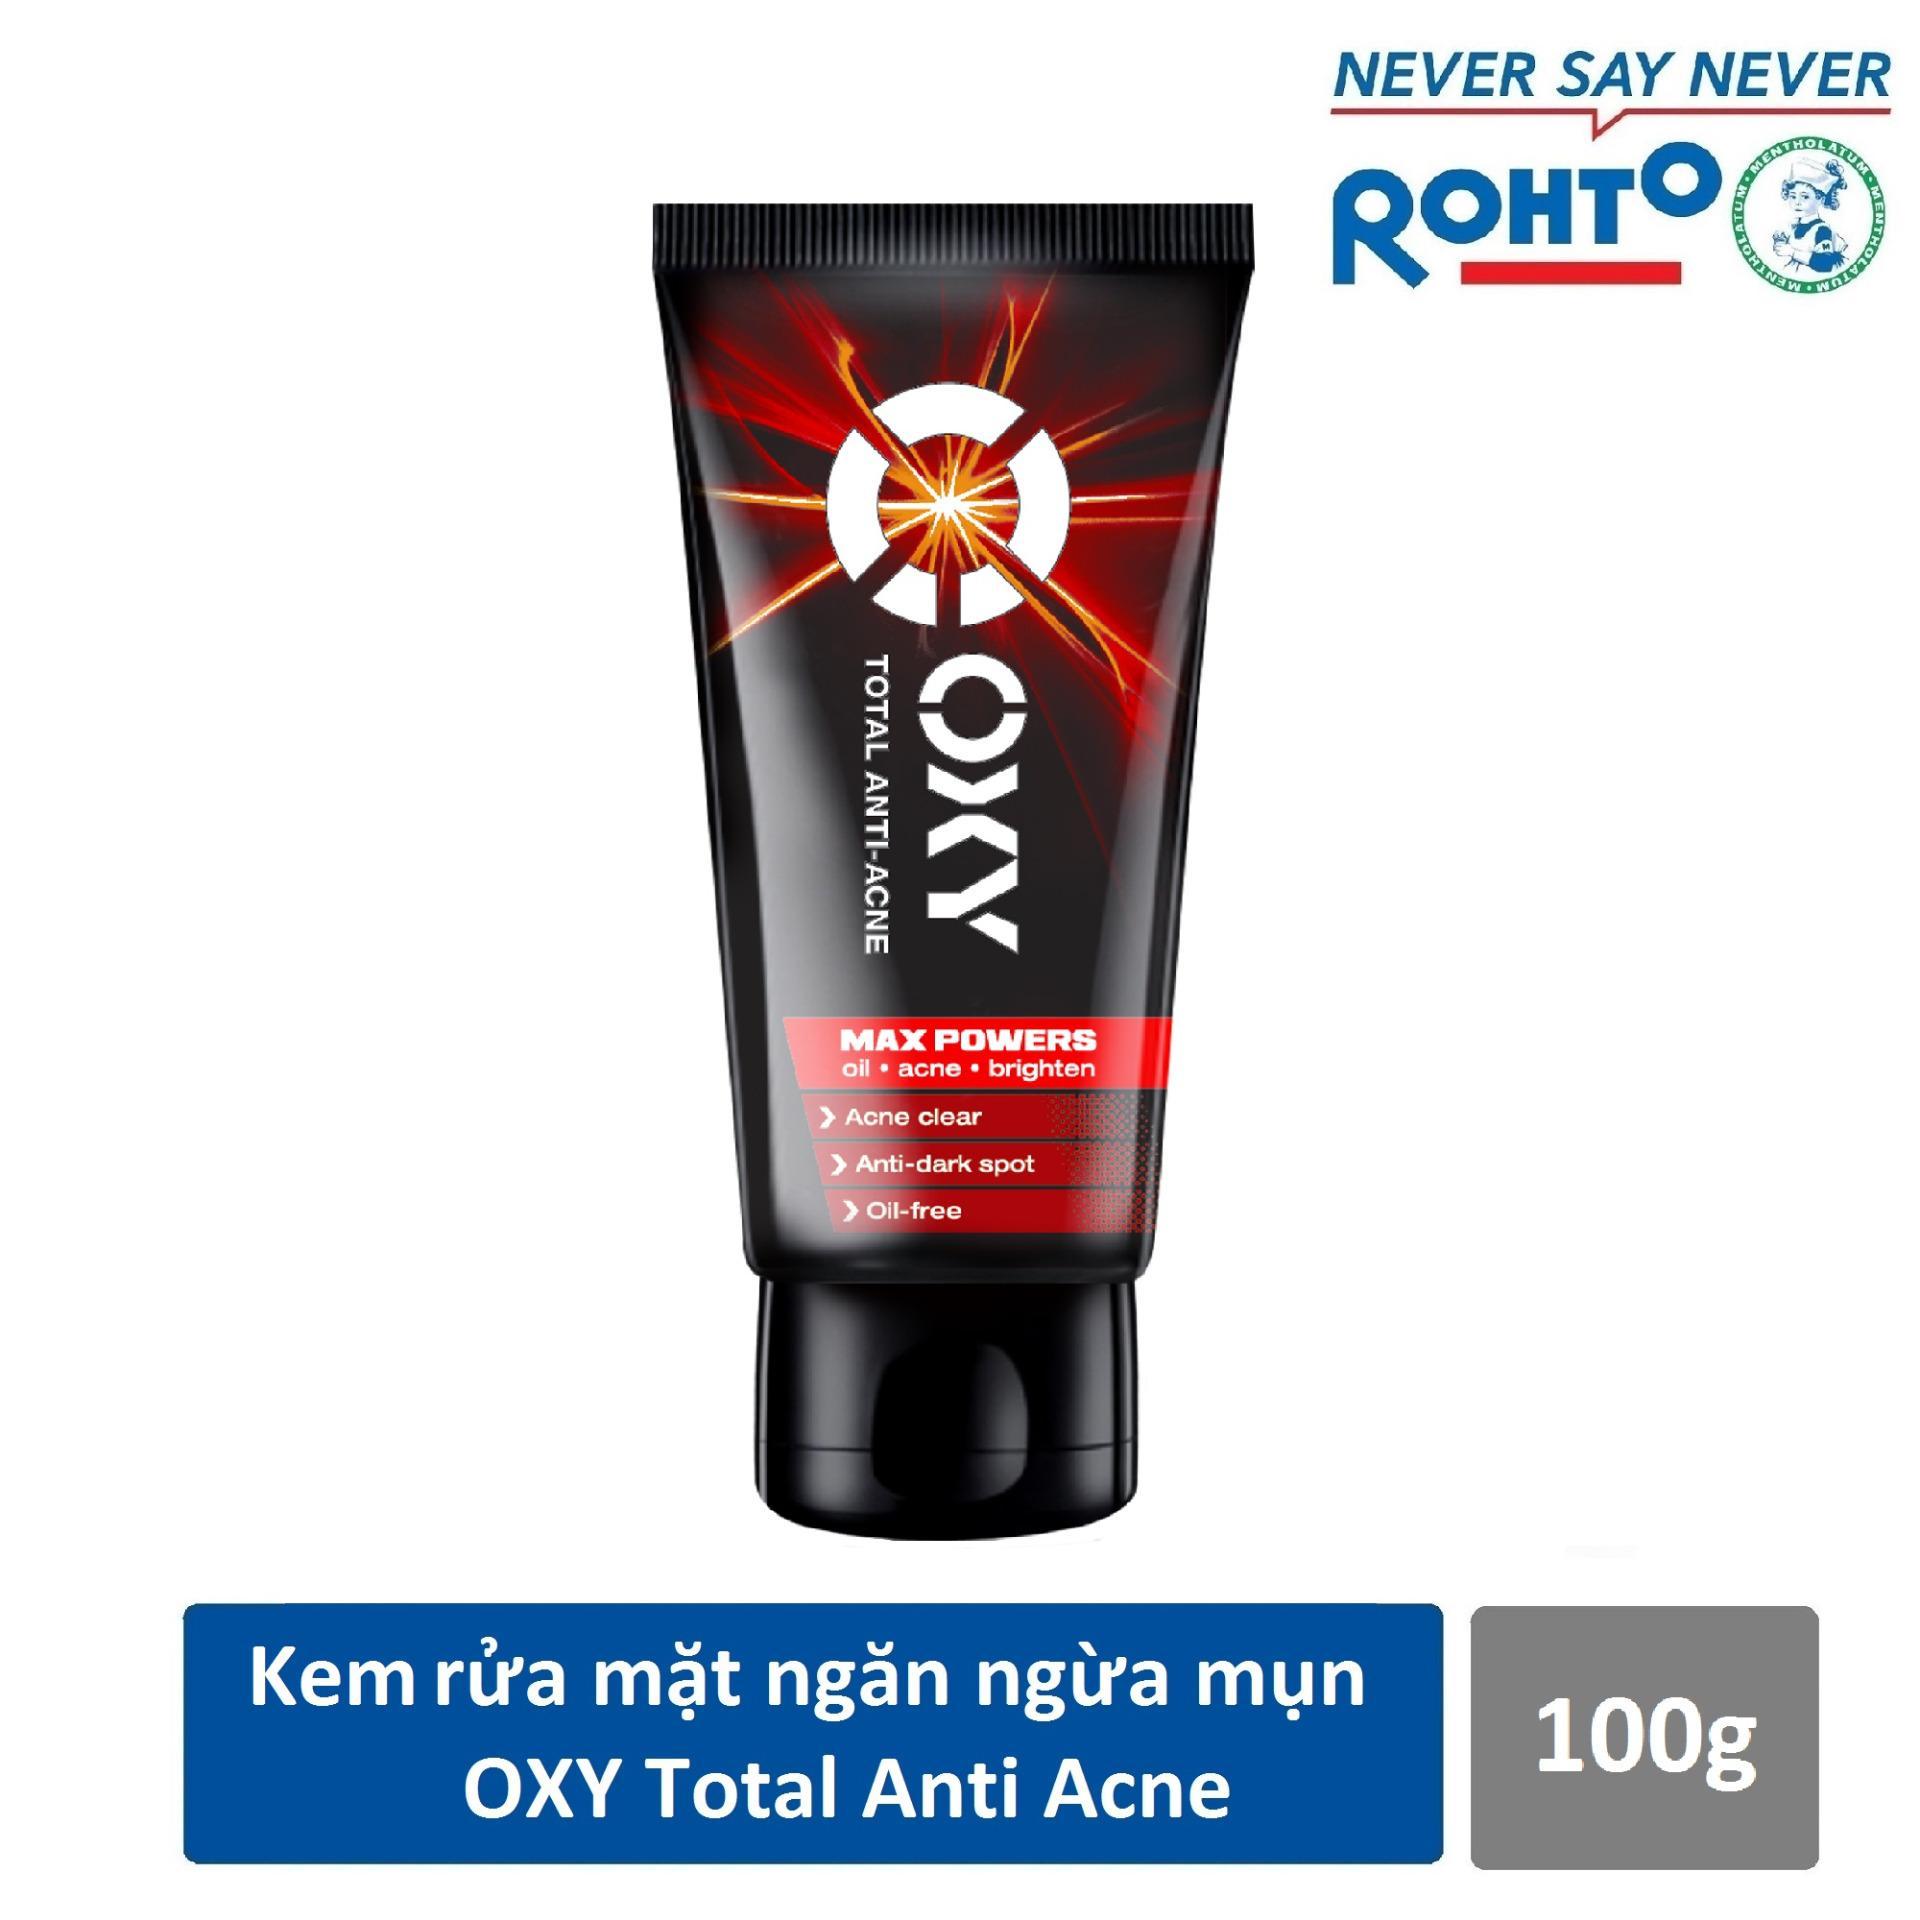 Hình ảnh Kem rửa mặt ngăn ngừa mụn cho nam Oxy Total Anti Acne 100g - CƠ HỘI TRÚNG IPHONE X